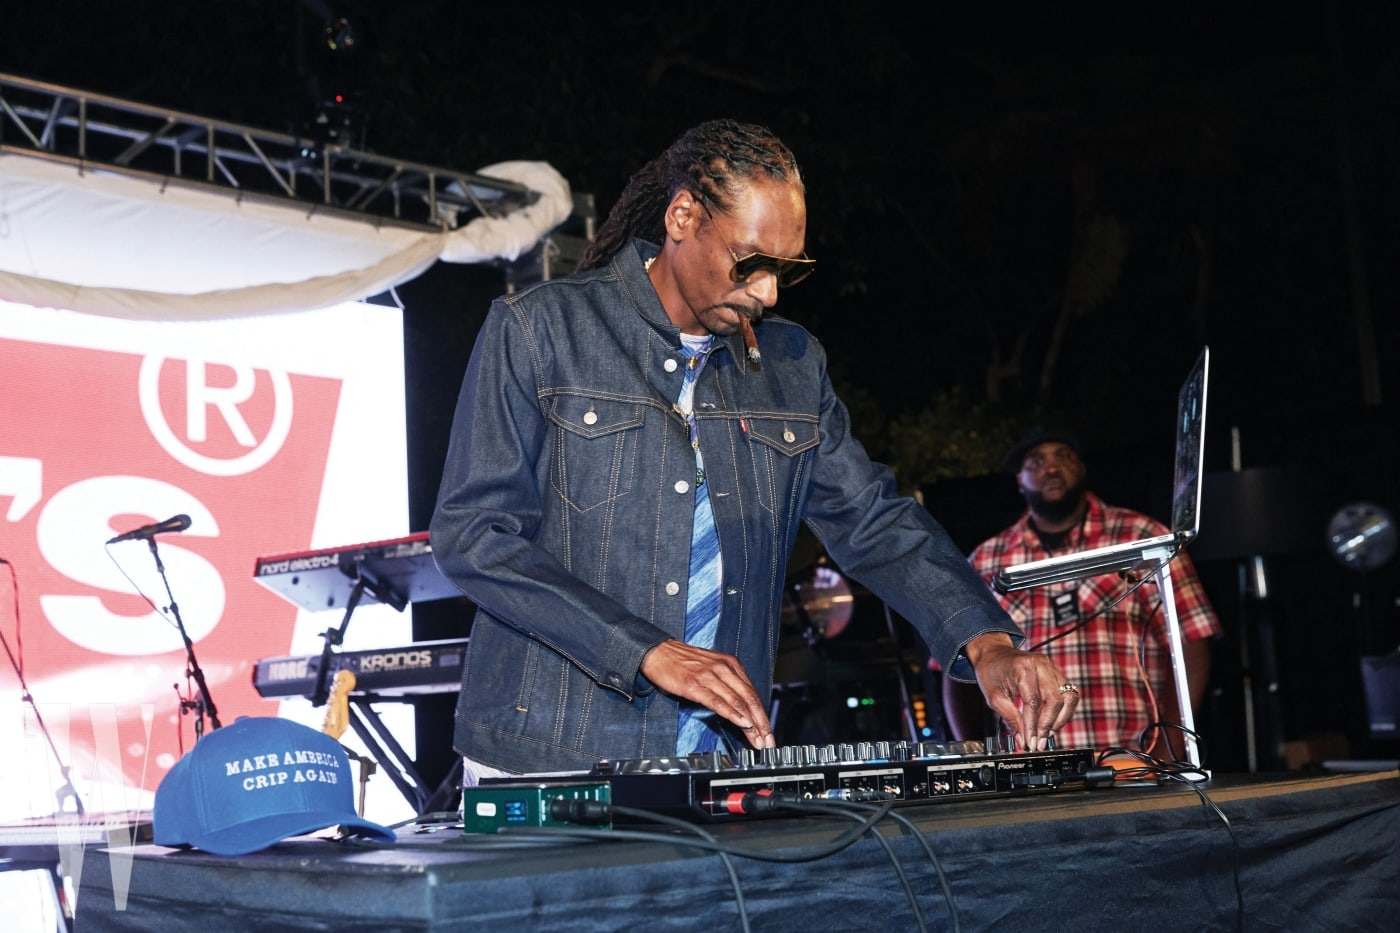 트러커 커스텀에도 참여한 살아 있는 레전드, 힙합 뮤지션 스눕독의 디제잉과 공연도 즐길 수 있었다.